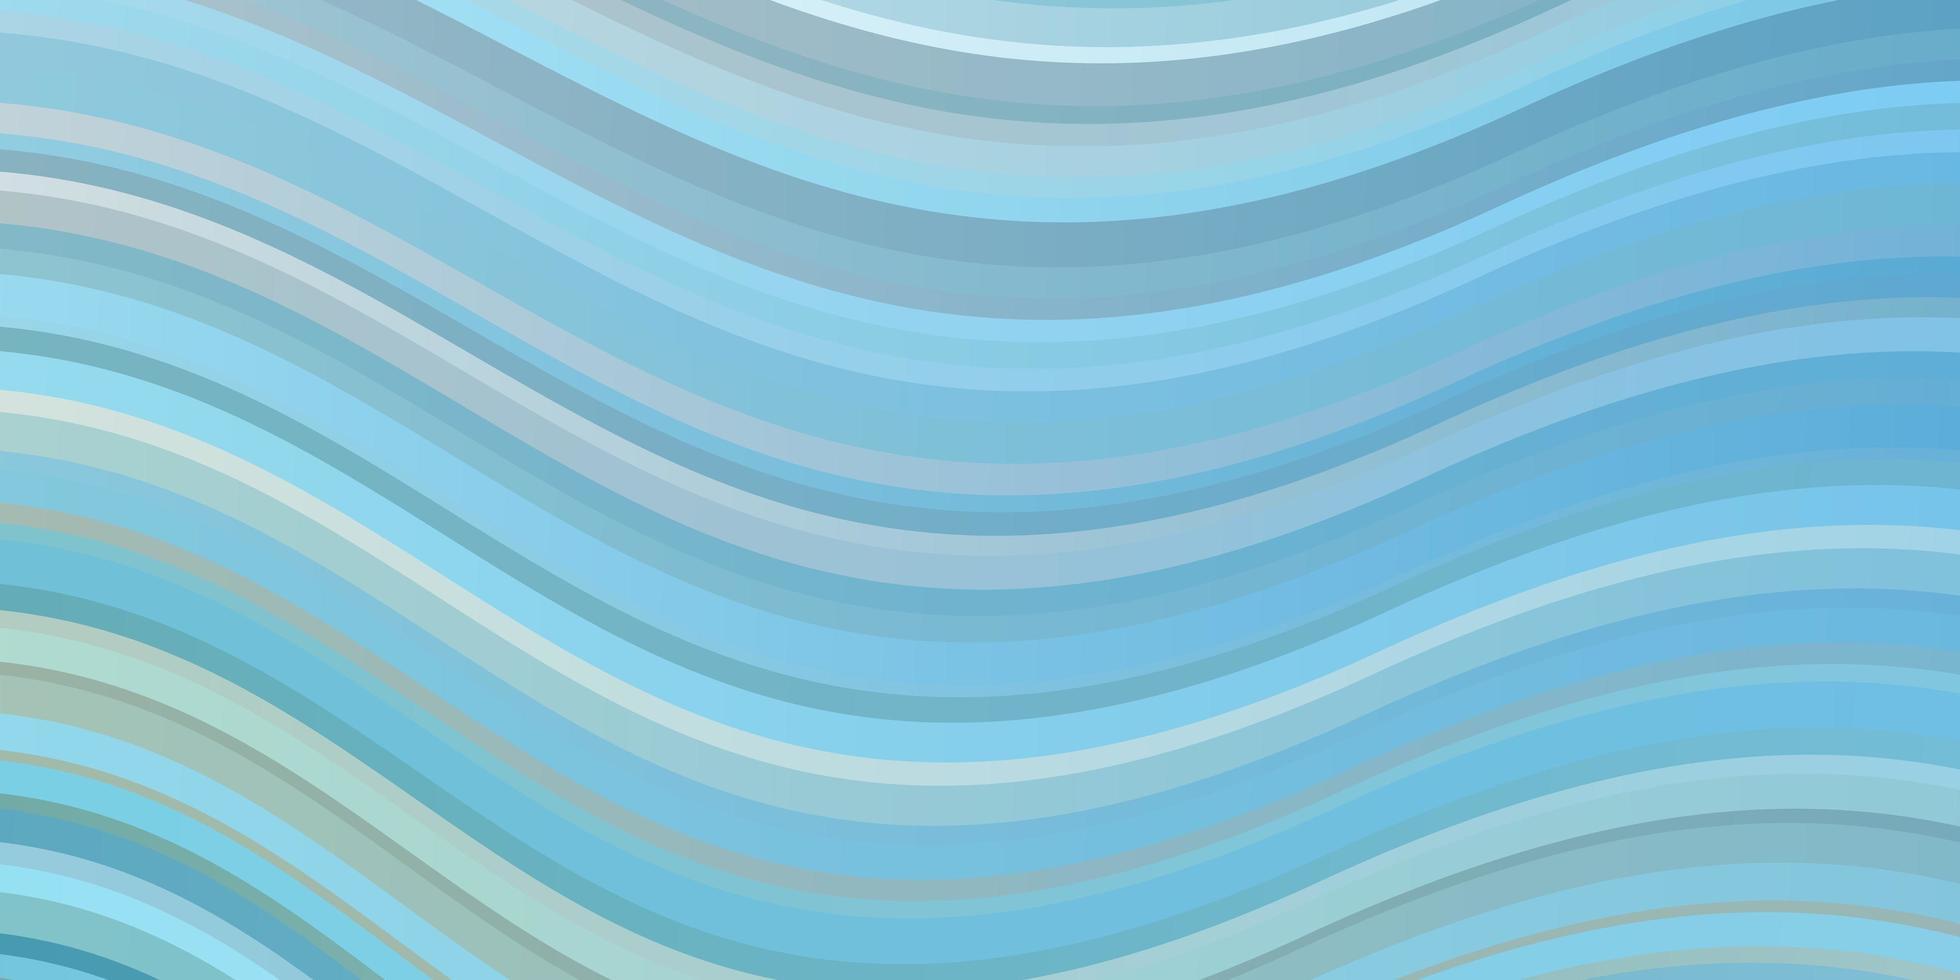 ljusblå, grön vektorstruktur med sneda linjer. vektor